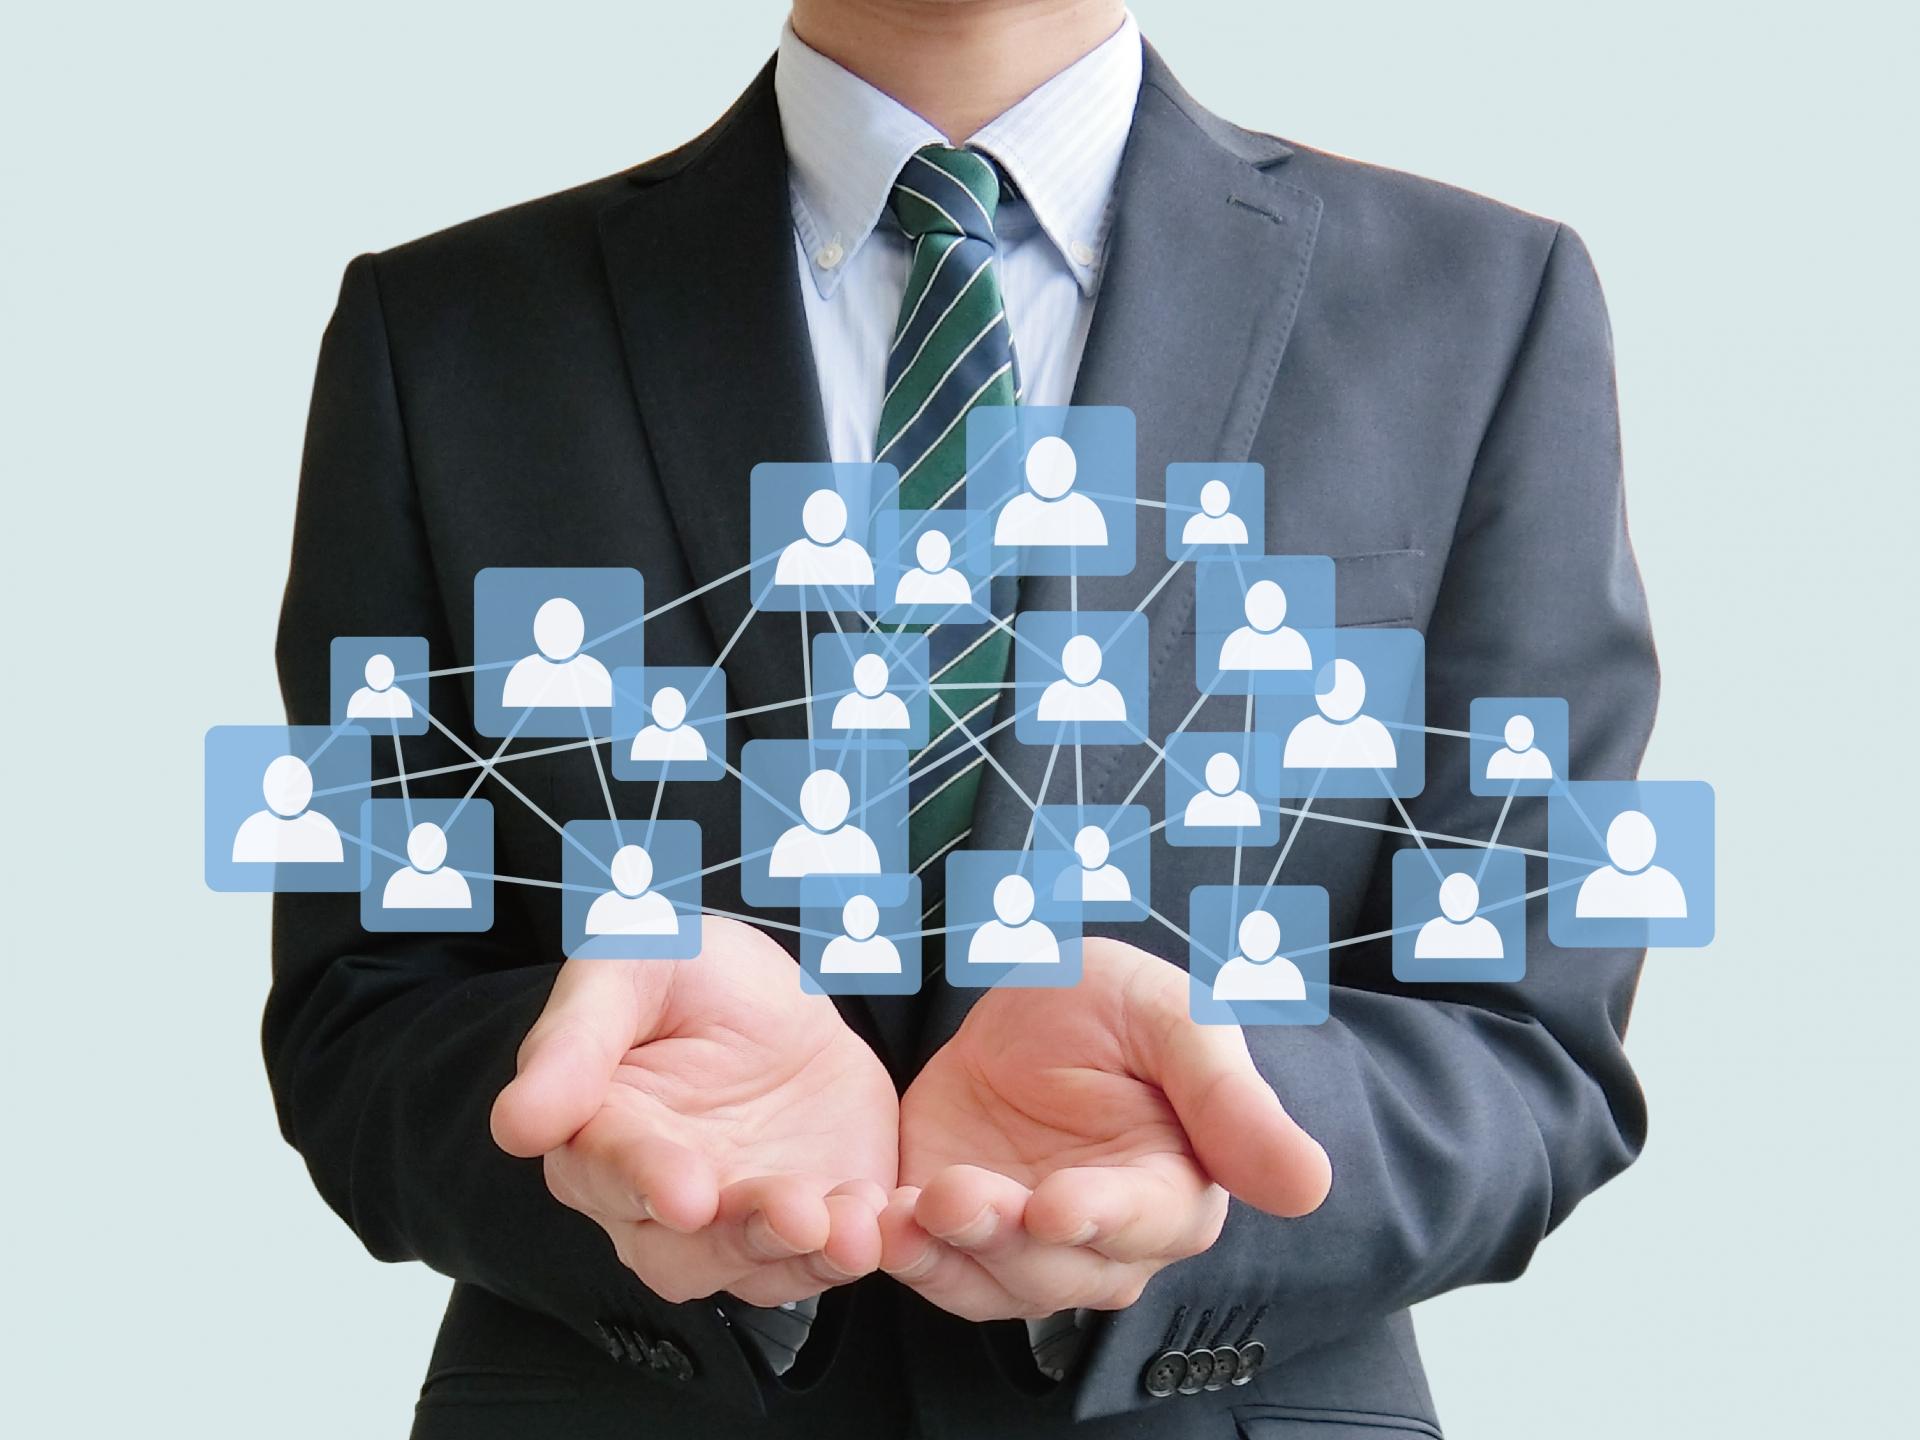 雇用保険の適用拡大 加入対象者と要件をしっかりと確認しよう